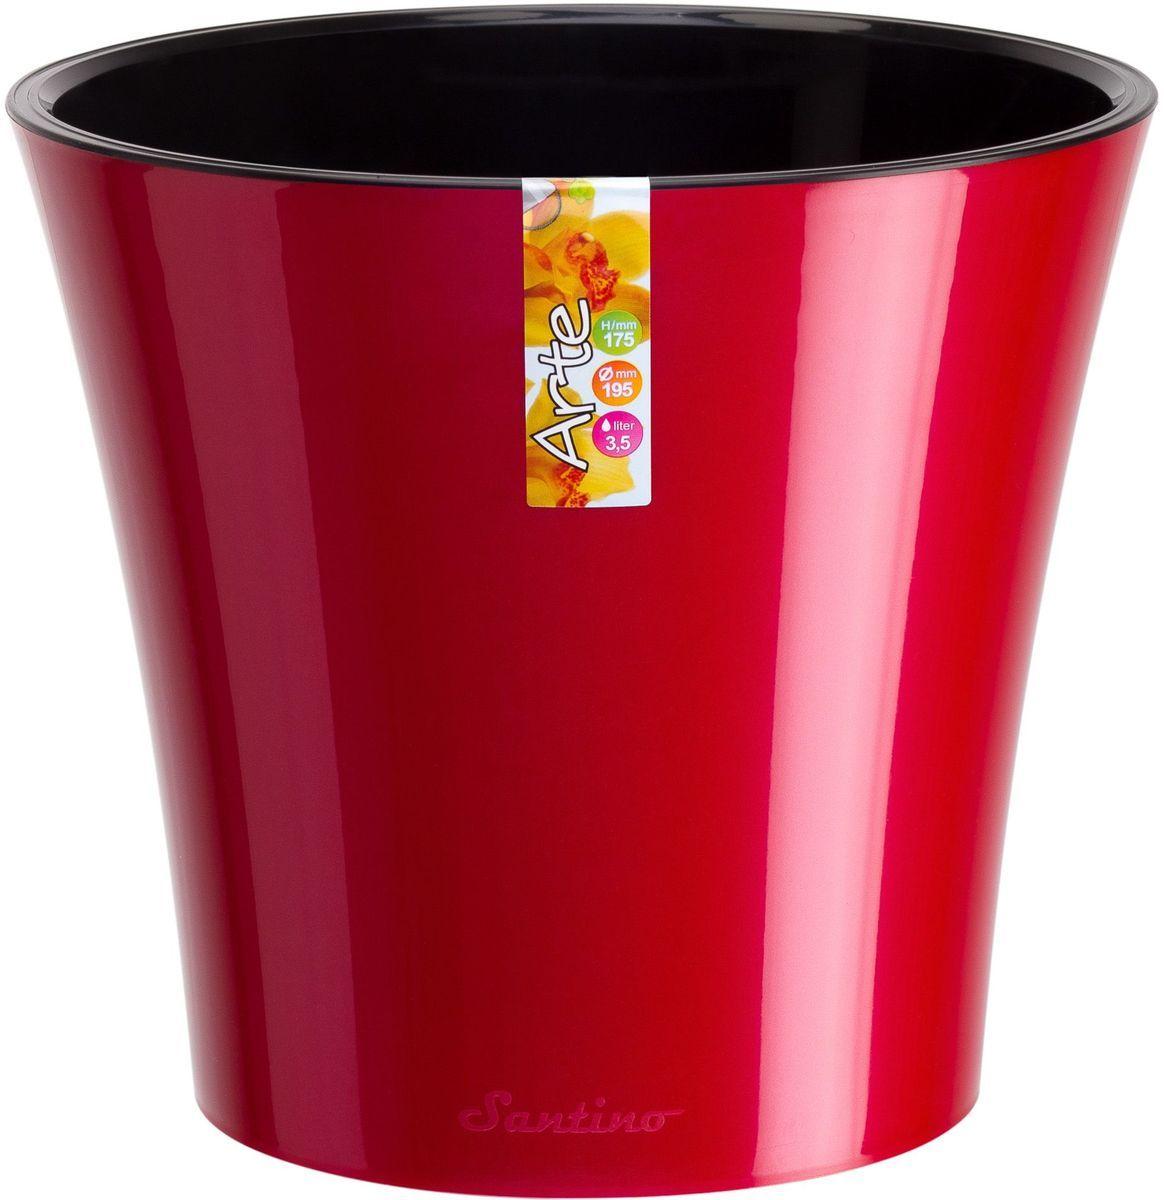 Горшок цветочный Santino Арте, двойной, с системой автополива, цвет: красный, черный, 5 лАРТ 5 К-ЧЛюбой, даже самый современный и продуманный интерьер будет незавершённым без растений. Они не только очищают воздух и насыщают его кислородом, но и украшают окружающее пространство. Такому полезному члену семьи просто необходим красивый и функциональный дом! Мы предлагаем #name#! Оптимальный выбор материала — пластмасса! Почему мы так считаем?Малый вес. С лёгкостью переносите горшки и кашпо с места на место, ставьте их на столики или полки, не беспокоясь о нагрузке. Простота ухода. Кашпо не нуждается в специальных условиях хранения. Его легко чистить — достаточно просто сполоснуть тёплой водой. Никаких потёртостей. Такие кашпо не царапают и не загрязняют поверхности, на которых стоят. Пластик дольше хранит влагу, а значит, растение реже нуждается в поливе. Пластмасса не пропускает воздух — корневой системе растения не грозят резкие перепады температур. Огромный выбор форм, декора и расцветок — вы без труда найдёте что-то, что идеально впишется в уже существующий интерьер. Соблюдая нехитрые правила ухода, вы можете заметно продлить срок службы горшков и кашпо из пластика:всегда учитывайте размер кроны и корневой системы (при разрастании большое растение способно повредить маленький горшок)берегите изделие от воздействия прямых солнечных лучей, чтобы горшки не выцветалидержите кашпо из пластика подальше от нагревающихся поверхностей. Создавайте прекрасные цветочные композиции, выращивайте рассаду или необычные растения.